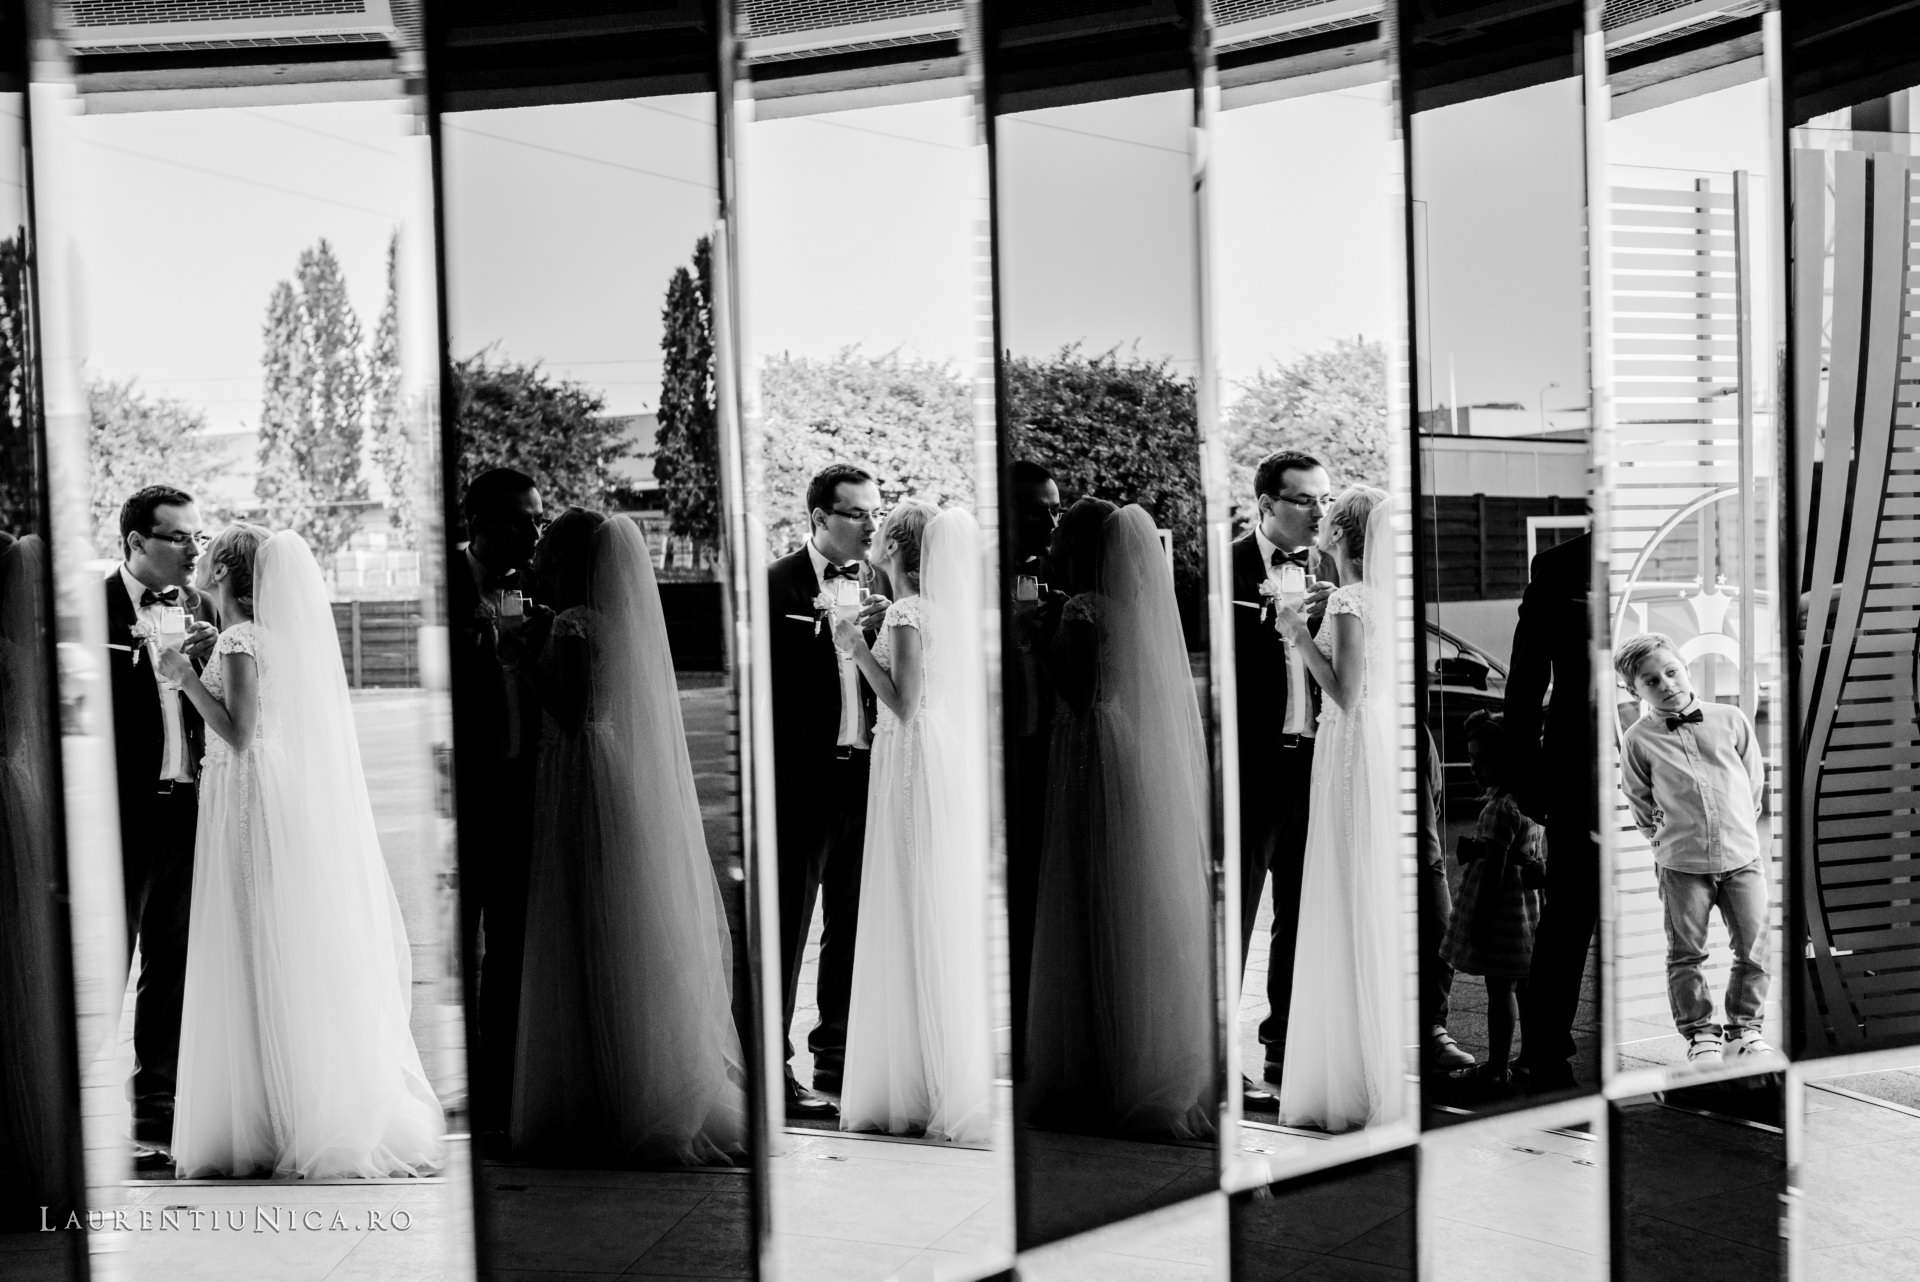 alina si razvan craiova fotograf nunta laurentiu nica66 - Alina & Razvan | Fotografii nunta